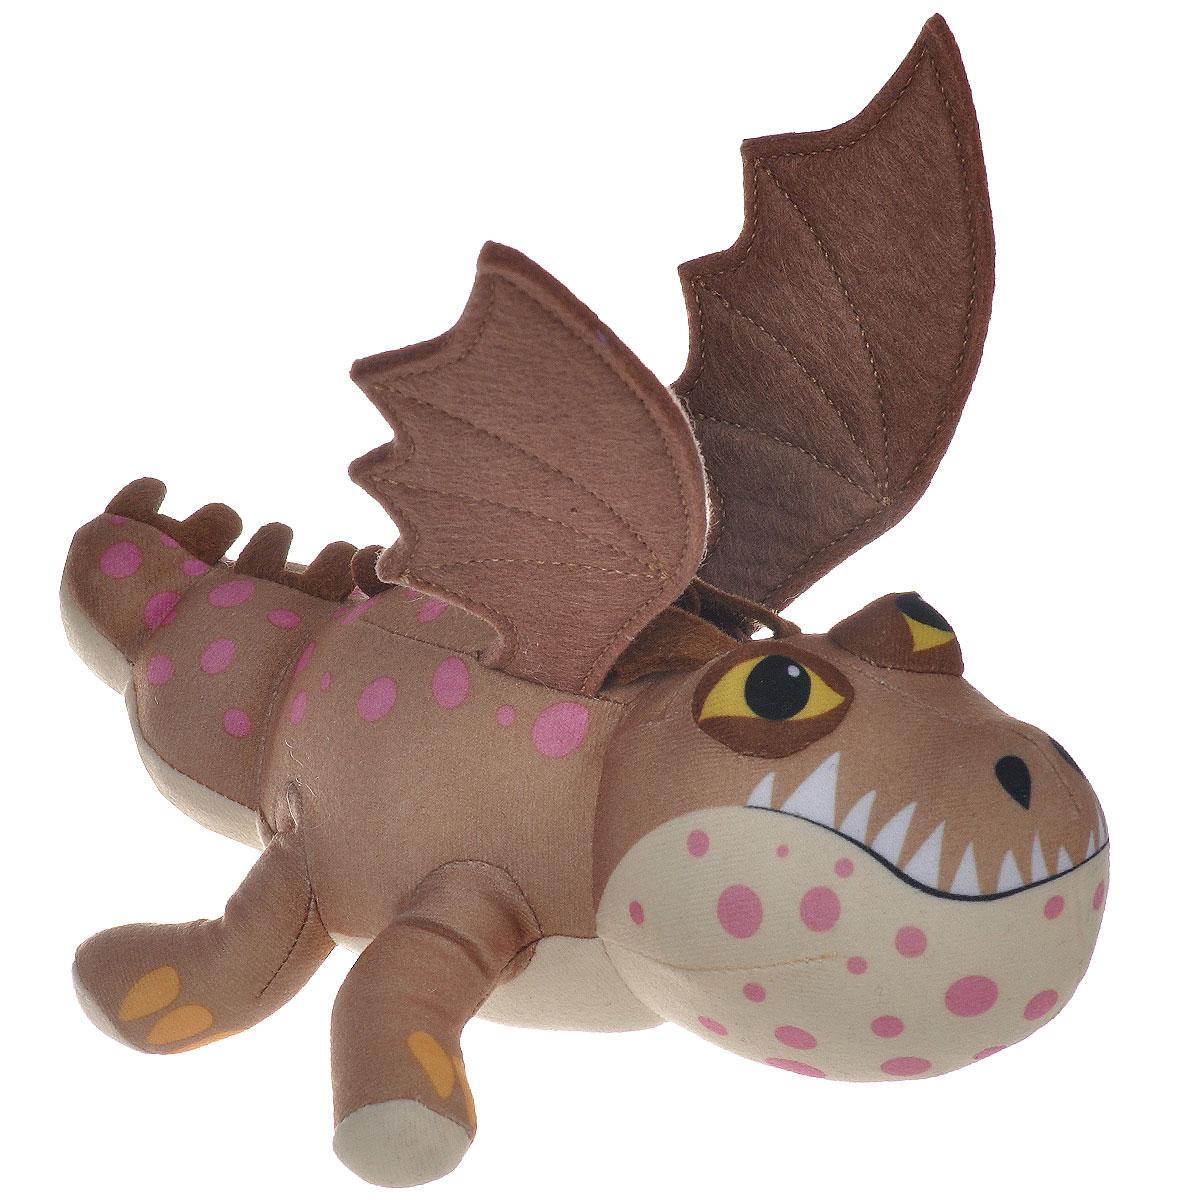 Мягкая игрушка Dragons Громмель, цвет: бежевый, коричневый, светло-желтый, 21 см66572_бежевыйМягкая плюшевая игрушка Dragons Громмель вызовет улыбку у каждого, кто ее увидит. Игрушка выполнена из приятного на ощупь текстильного материала в виде дракона - точной копии дракона из мультфильма Как приручить дракона 2. У игрушки маленькая голова, длинный хвост и большие крылья. Эта забавная игрушка принесет радость и подарит своему обладателю мгновения приятных воспоминаний. Такая игрушка станет отличным подарком вашему ребенку!